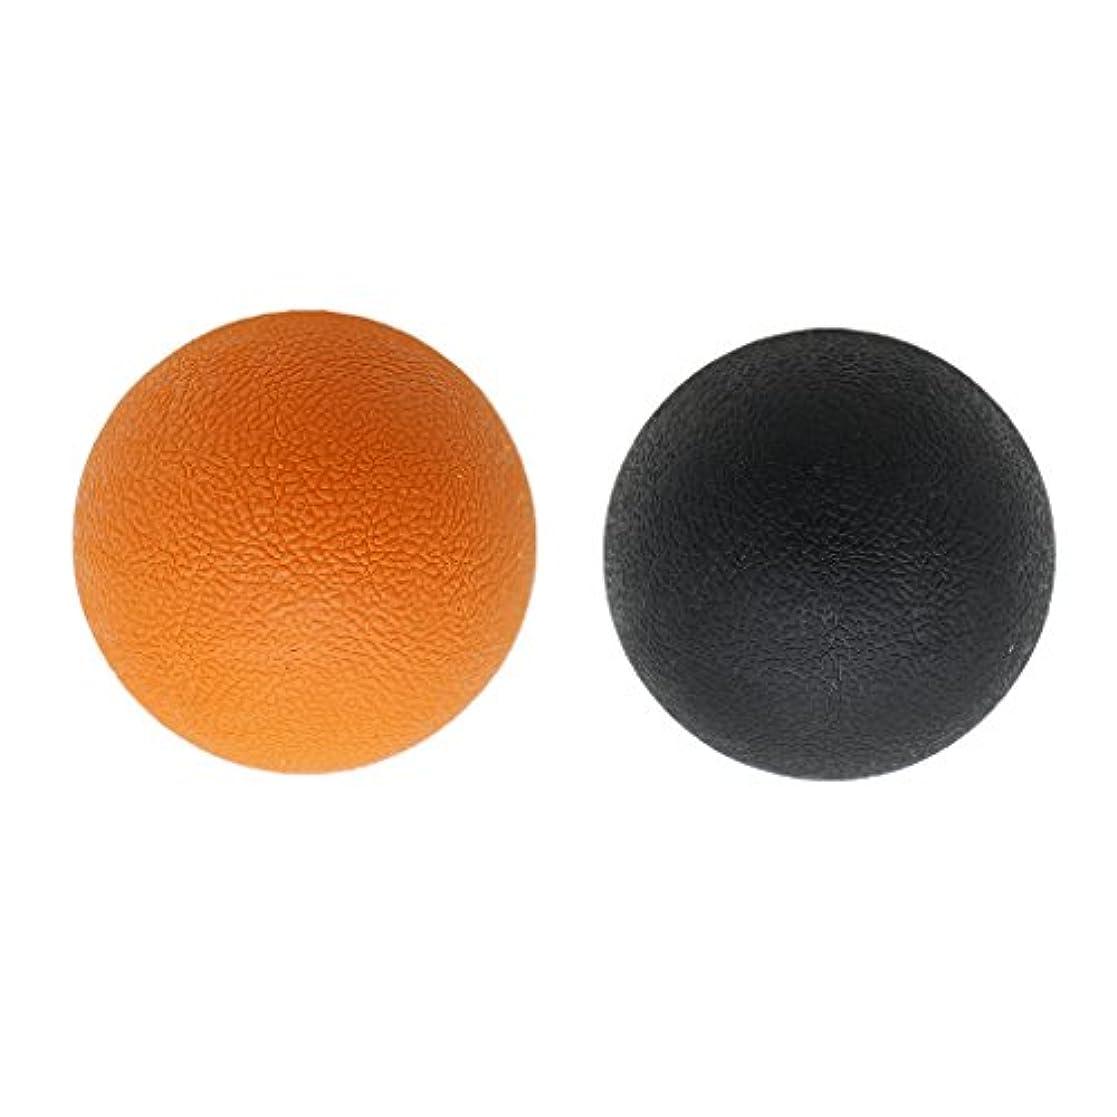 寸前冒険者ヘッドレス2個 マッサージボール ラクロスボール トリガ ポイントマッサージ 弾性TPE 多色選べる - オレンジブラック